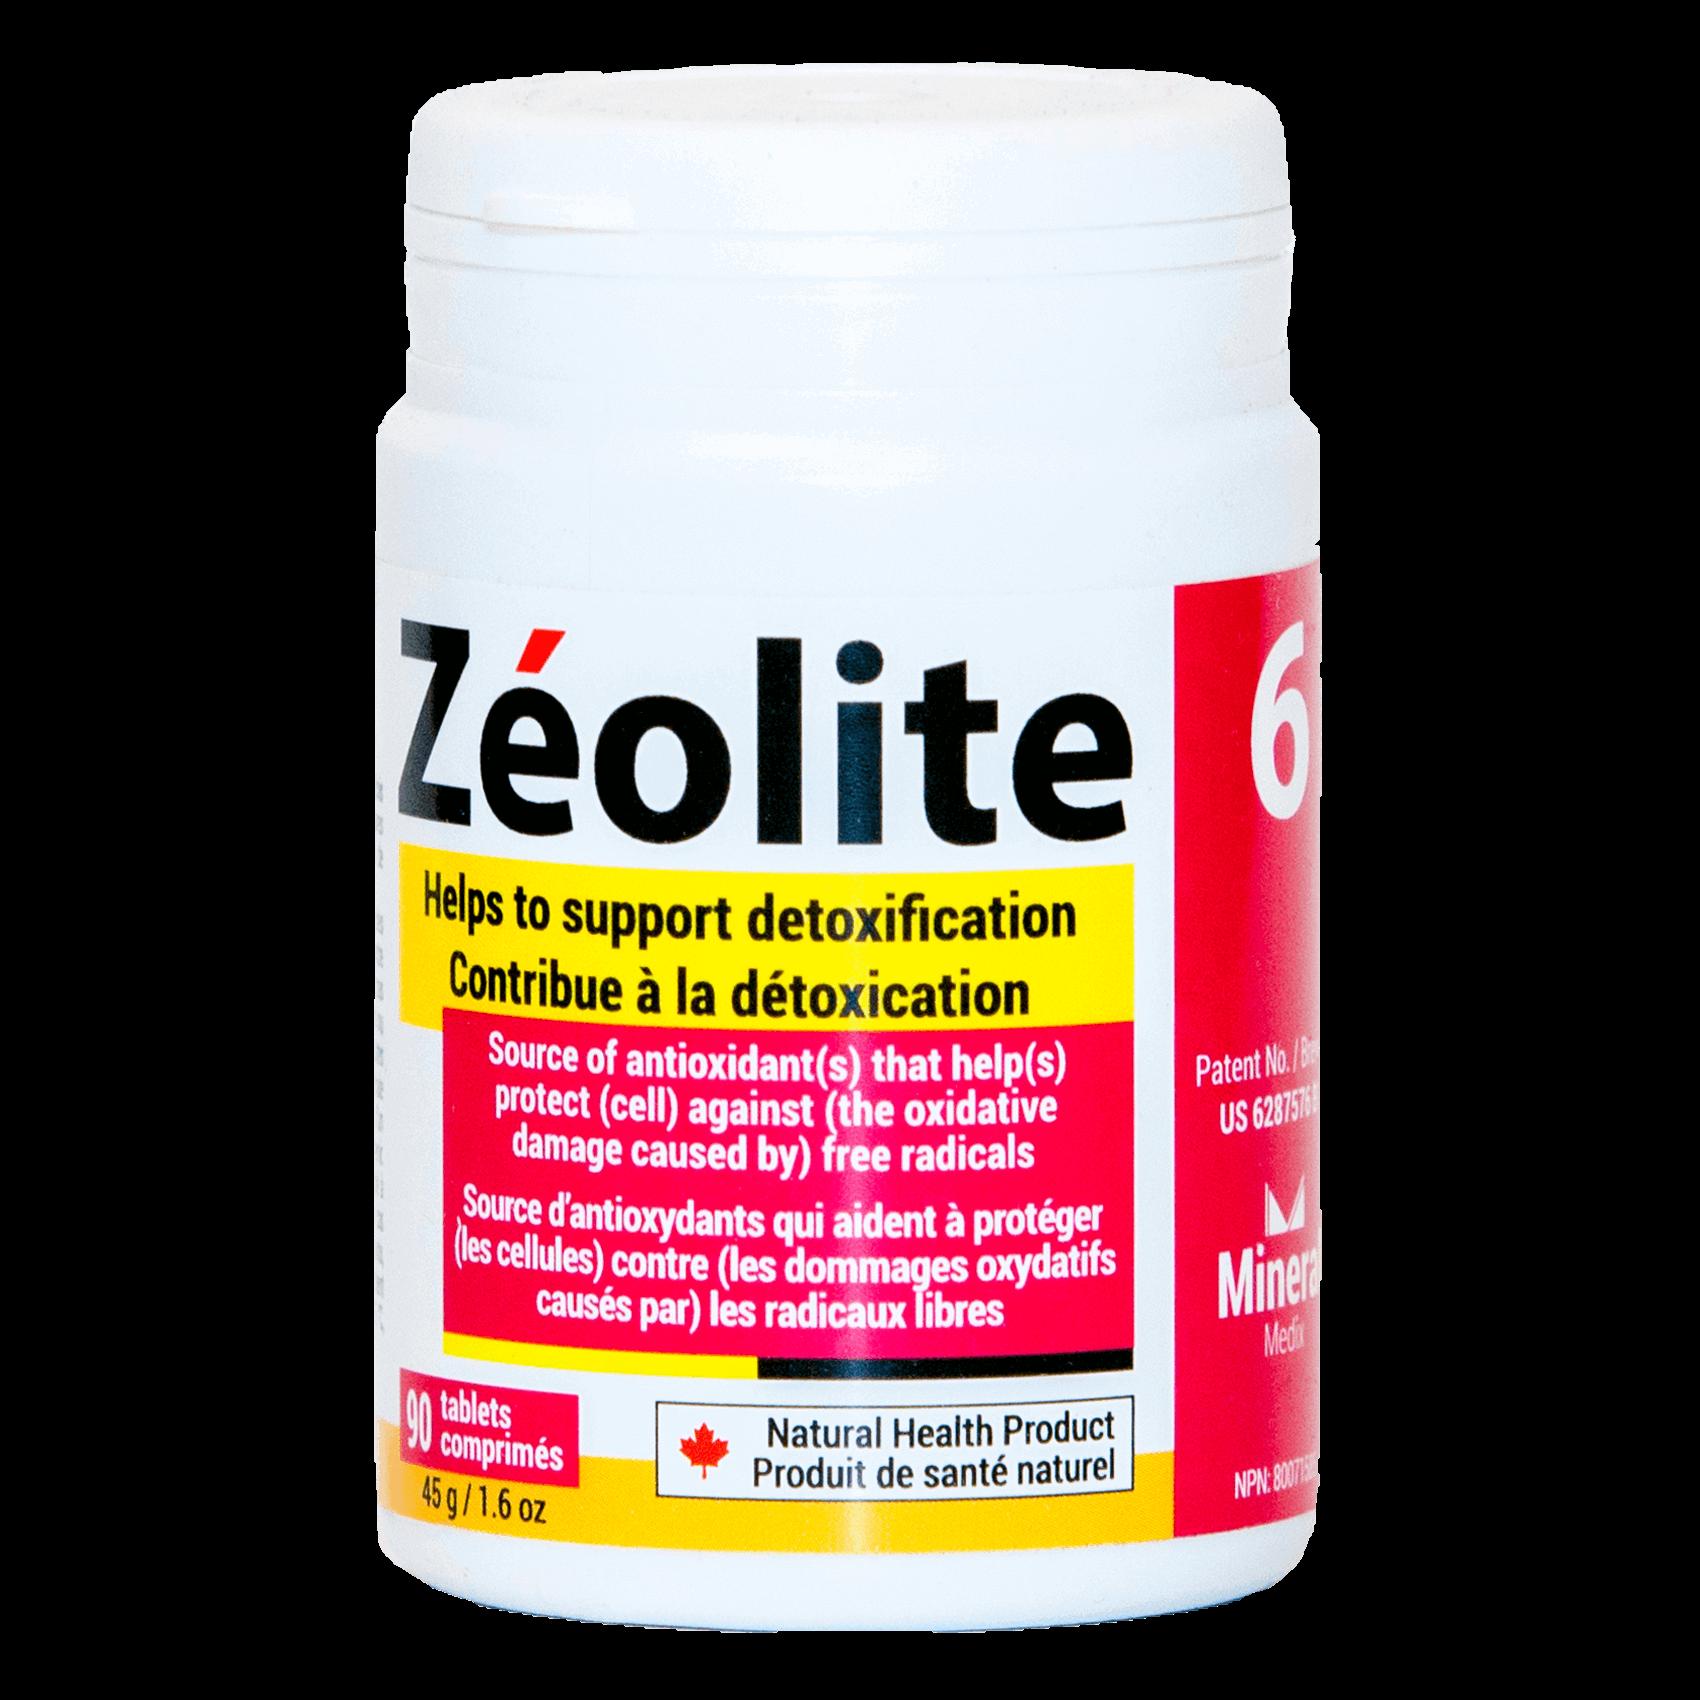 zeolite6